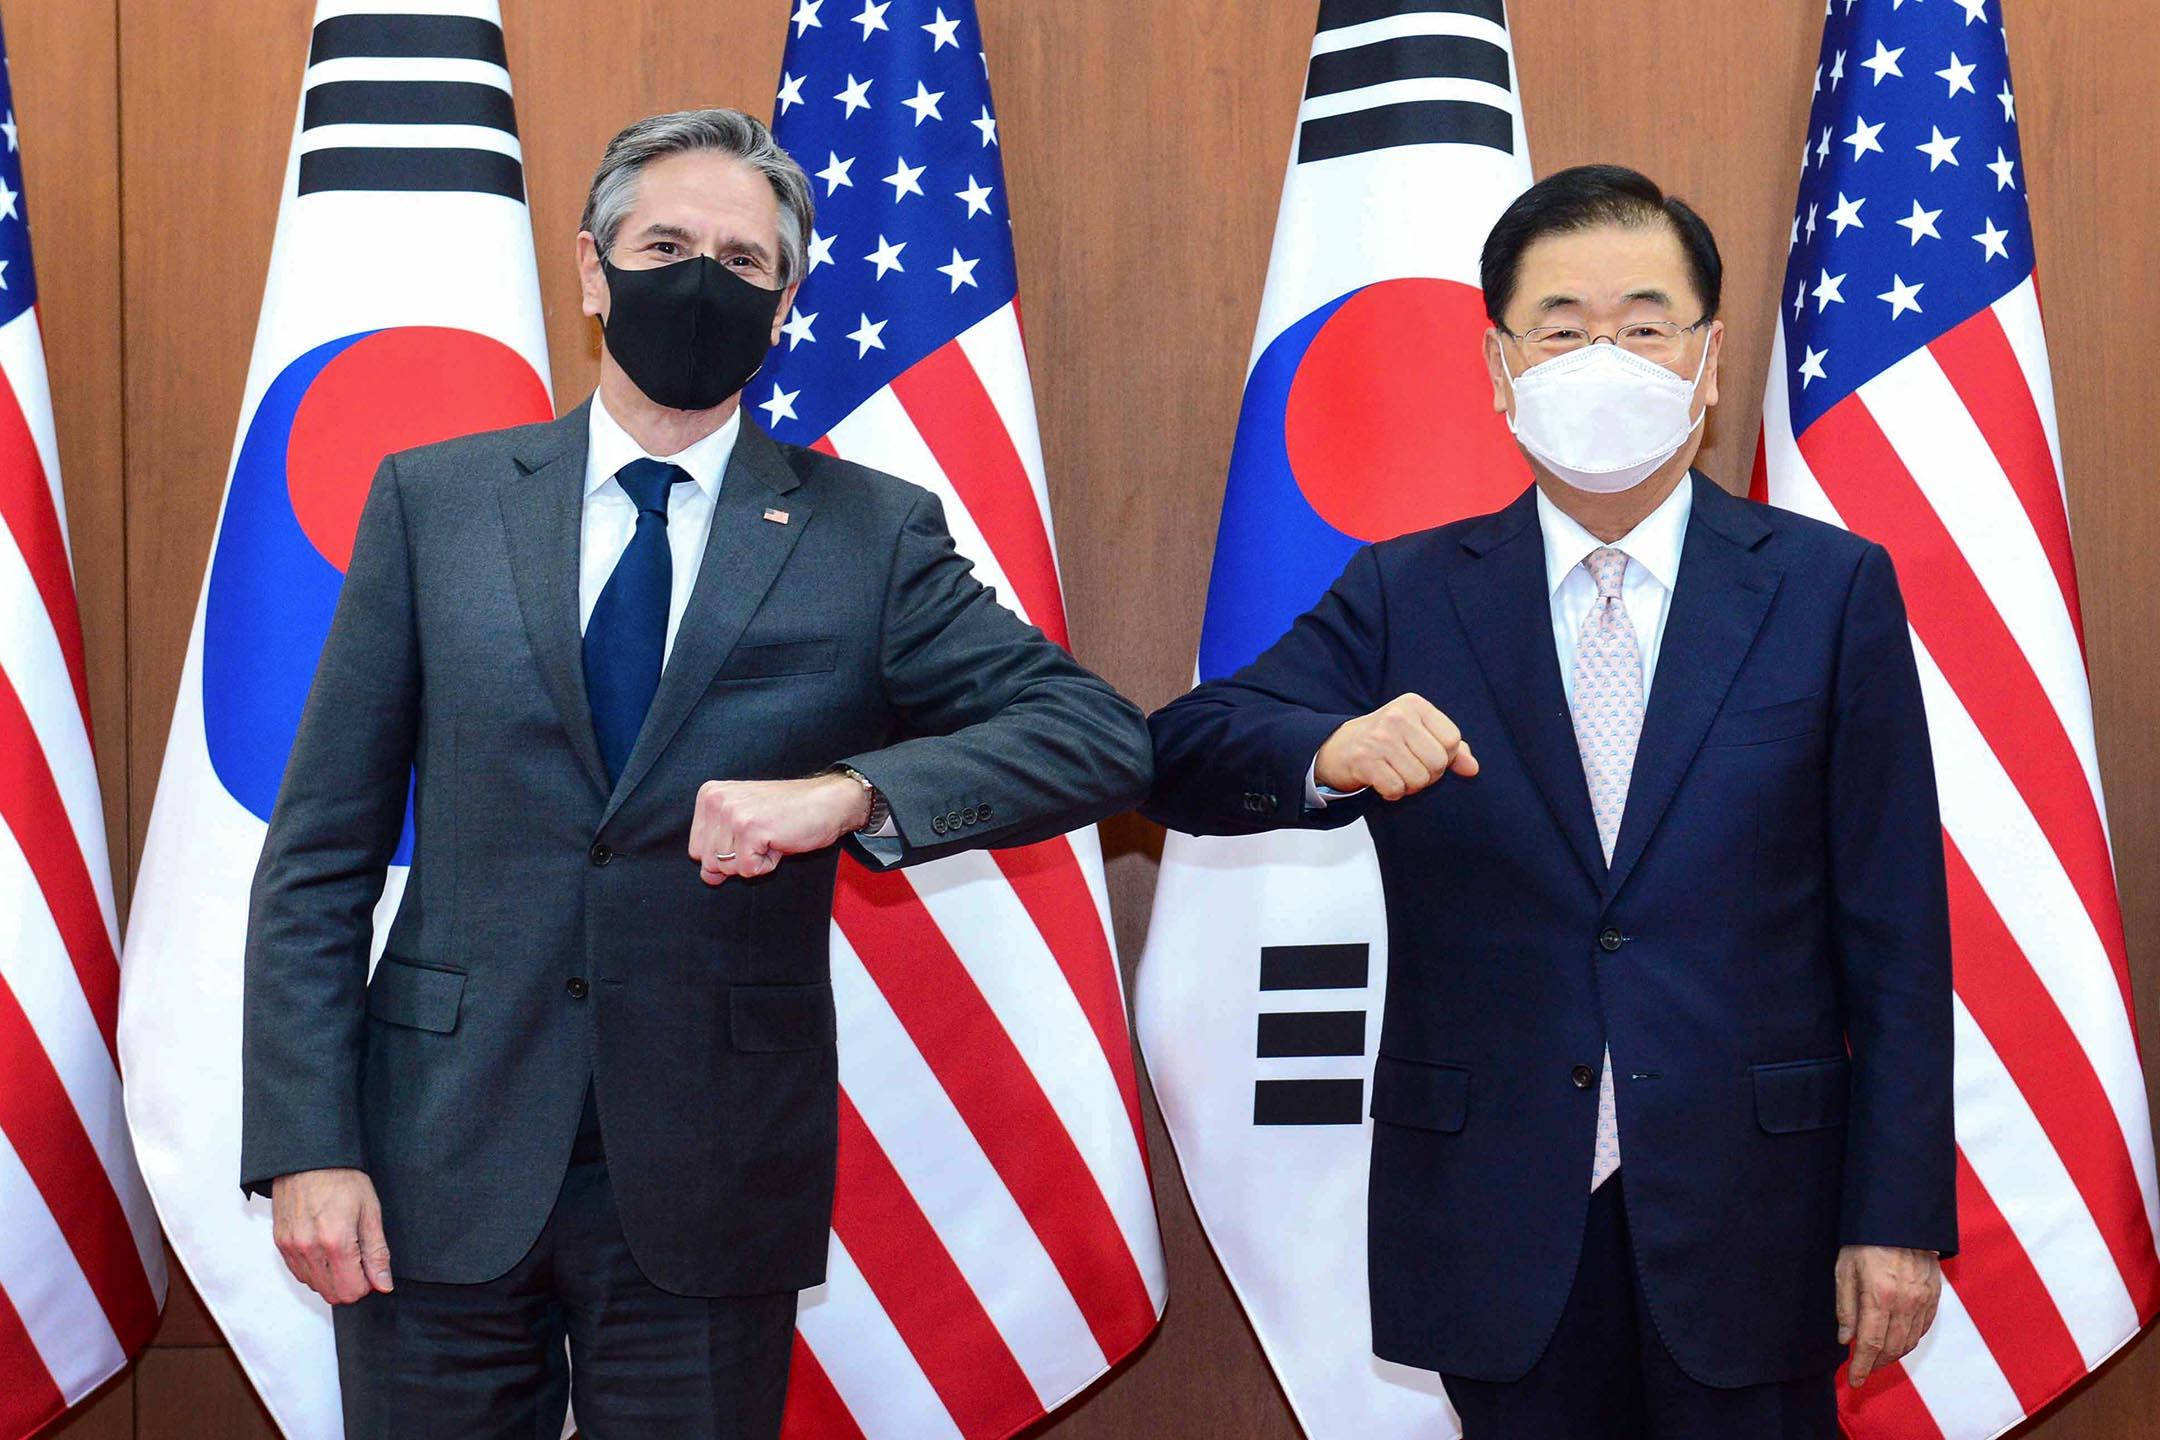 2021年3月17日韓國首爾,美國國務卿布林肯(左)和韓國外交部部長鄭義溶(右)於會晤前拍照。